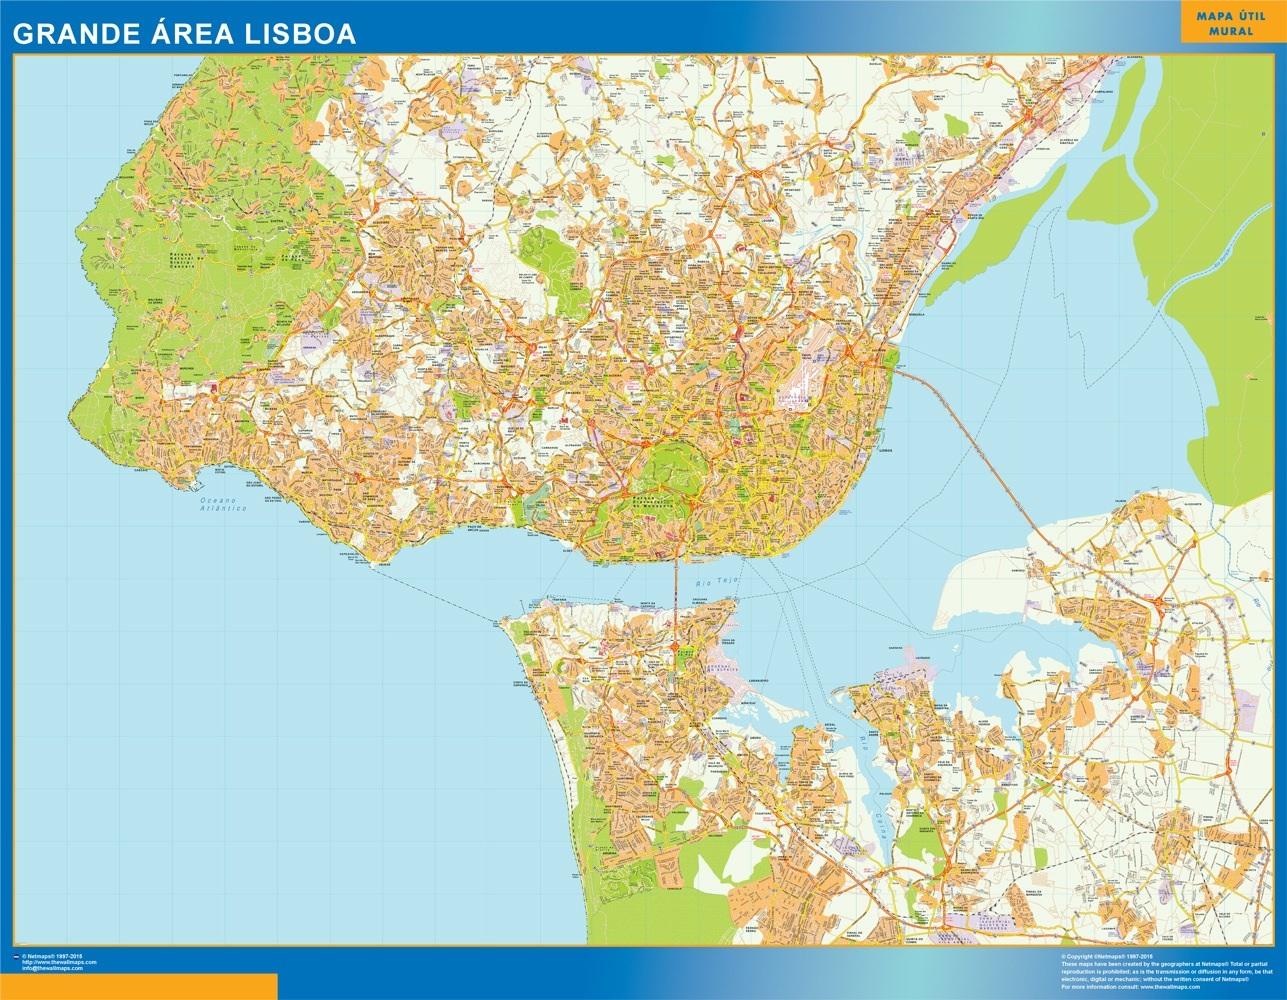 mapa de grande lisboa Grande Area Lisboa mapa | A vector eps maps designed by our  mapa de grande lisboa